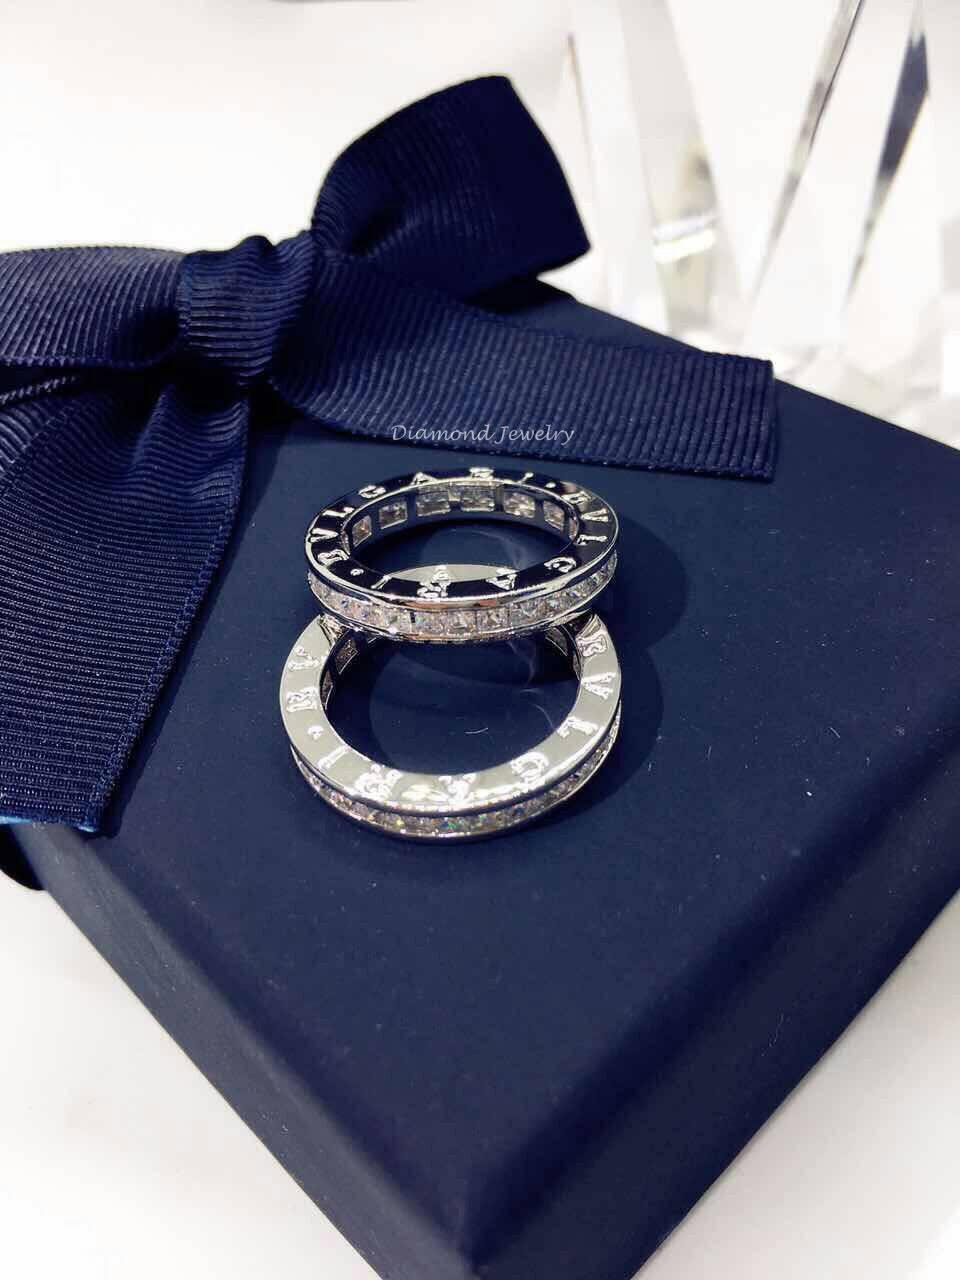 พร้อมส่ง Bvlgari Ring แหวน Bvlgari งานเกรดไฮเอน